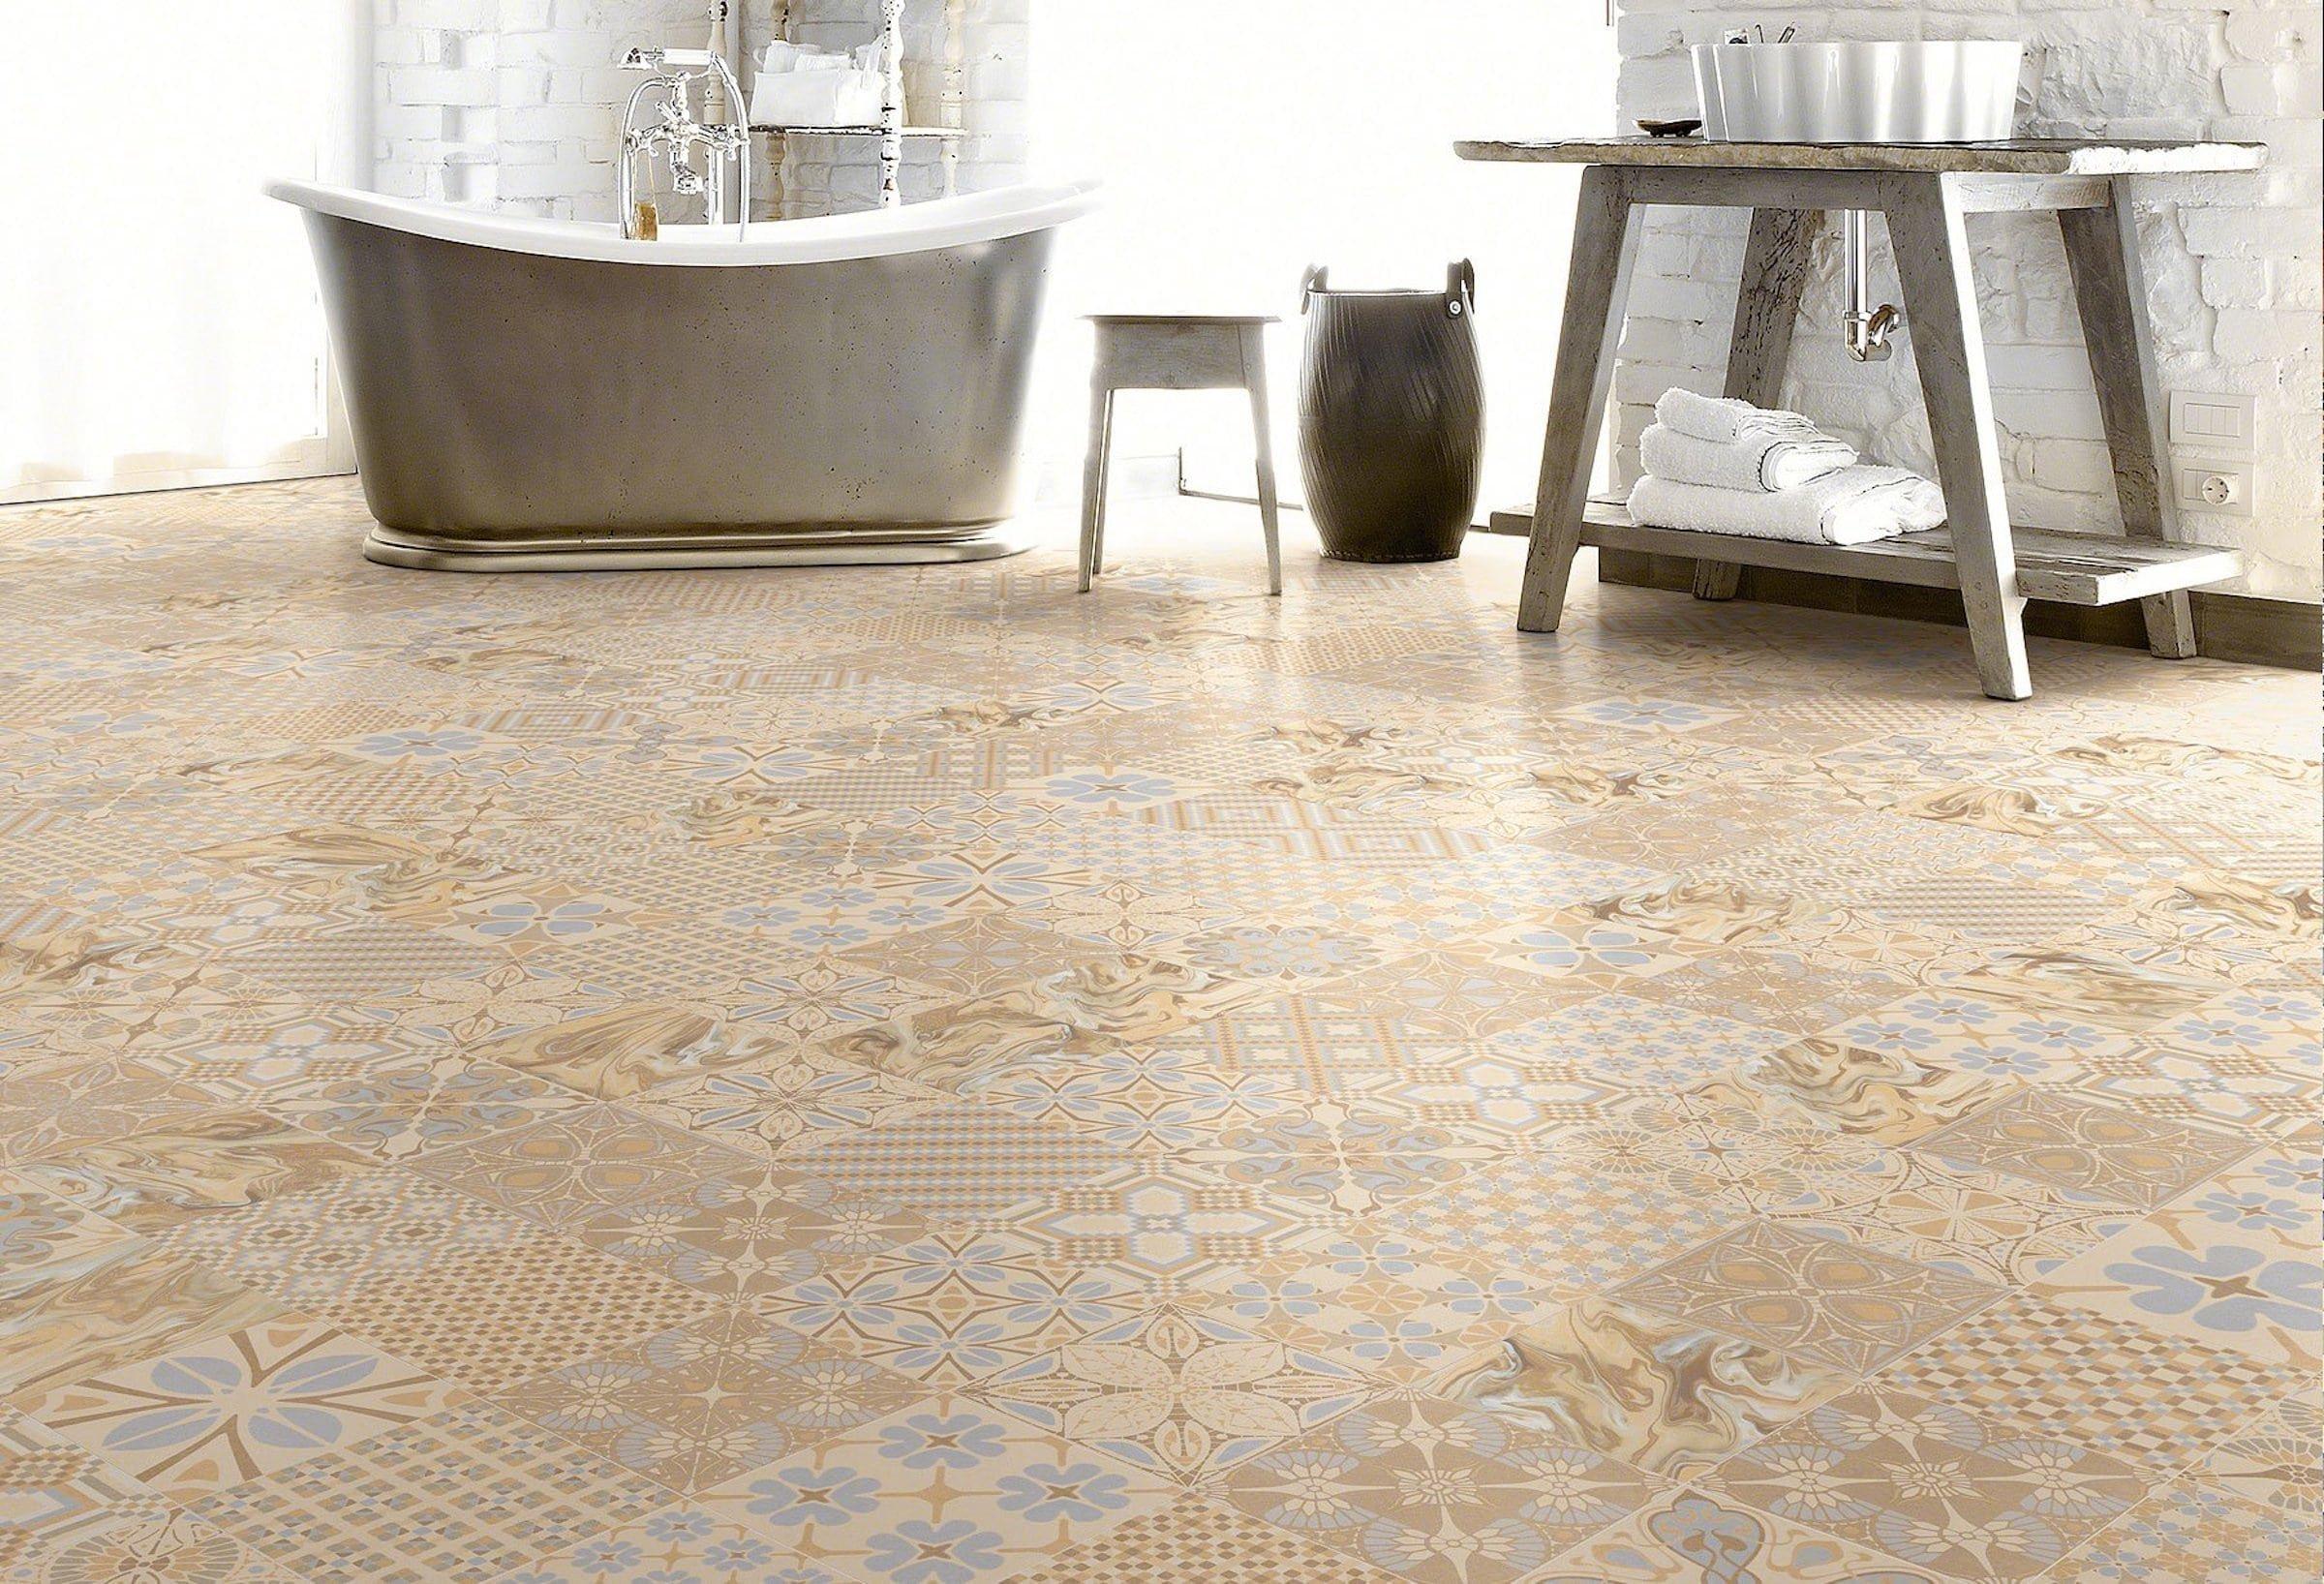 Při stavbě či rekonstrukci našich domovů je podlaha tématem, které vyžaduje nespočet diskuzí. O to více, pokud máte zájem o podlahové topení, které se snese jen s určitými typy podlahových krytin. Které to jsou?